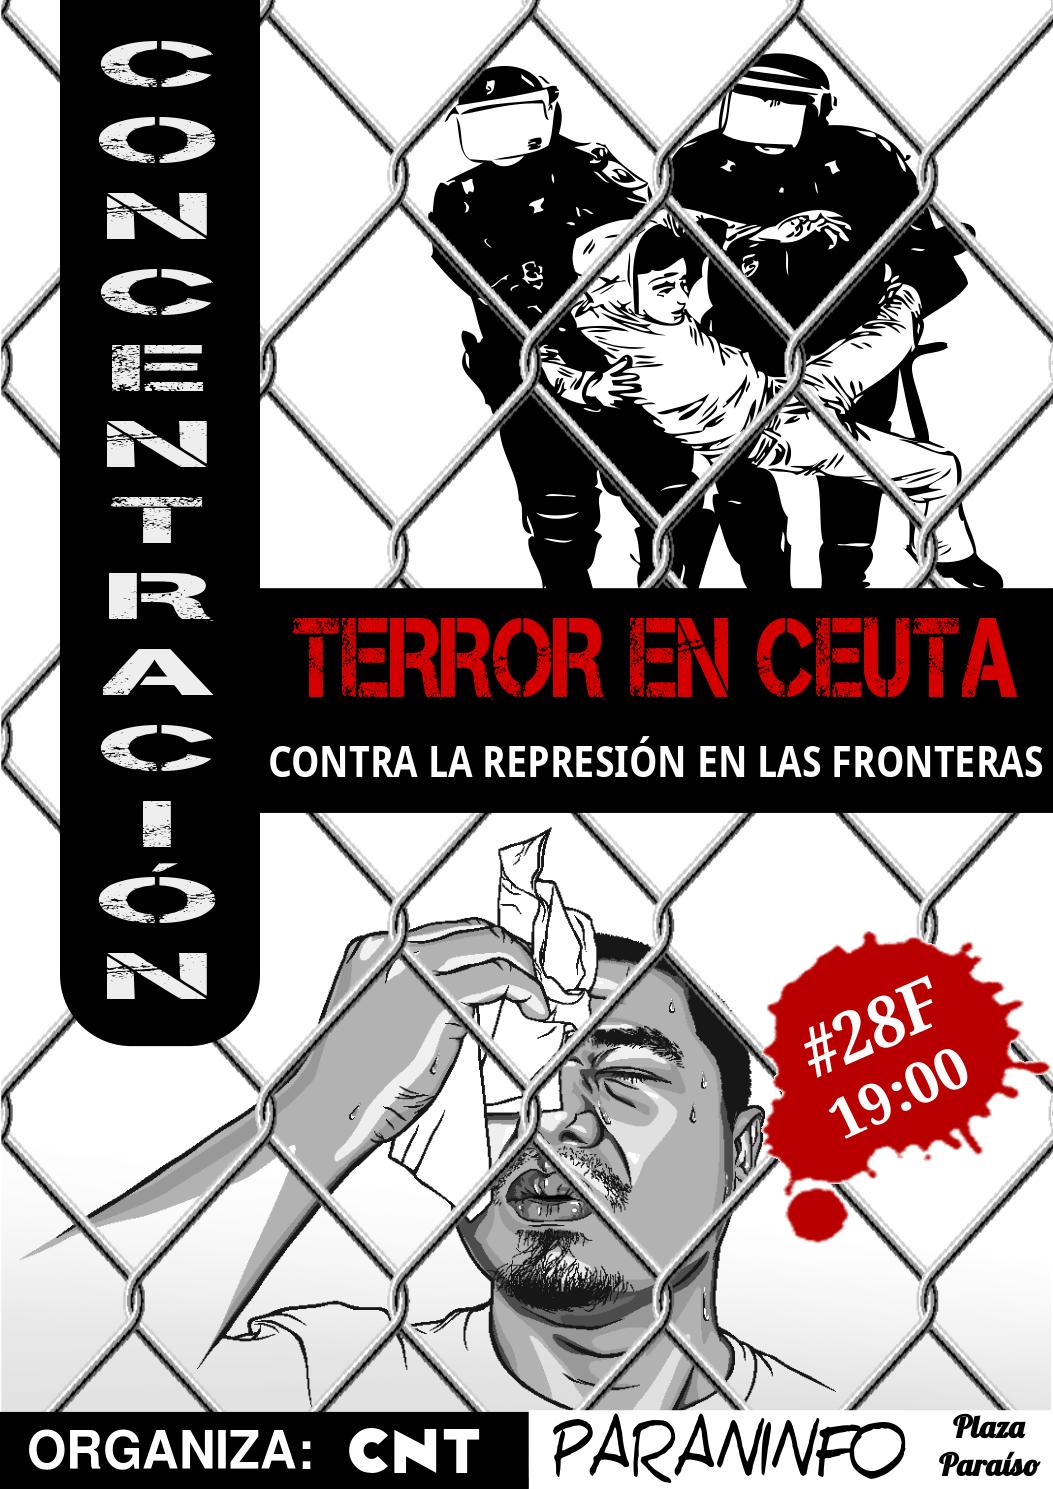 http://aragon.cnt.es/wp-content/uploads/Cartel-CNT-Zaragoza-contra-la-masacre-de-Ceuta.png